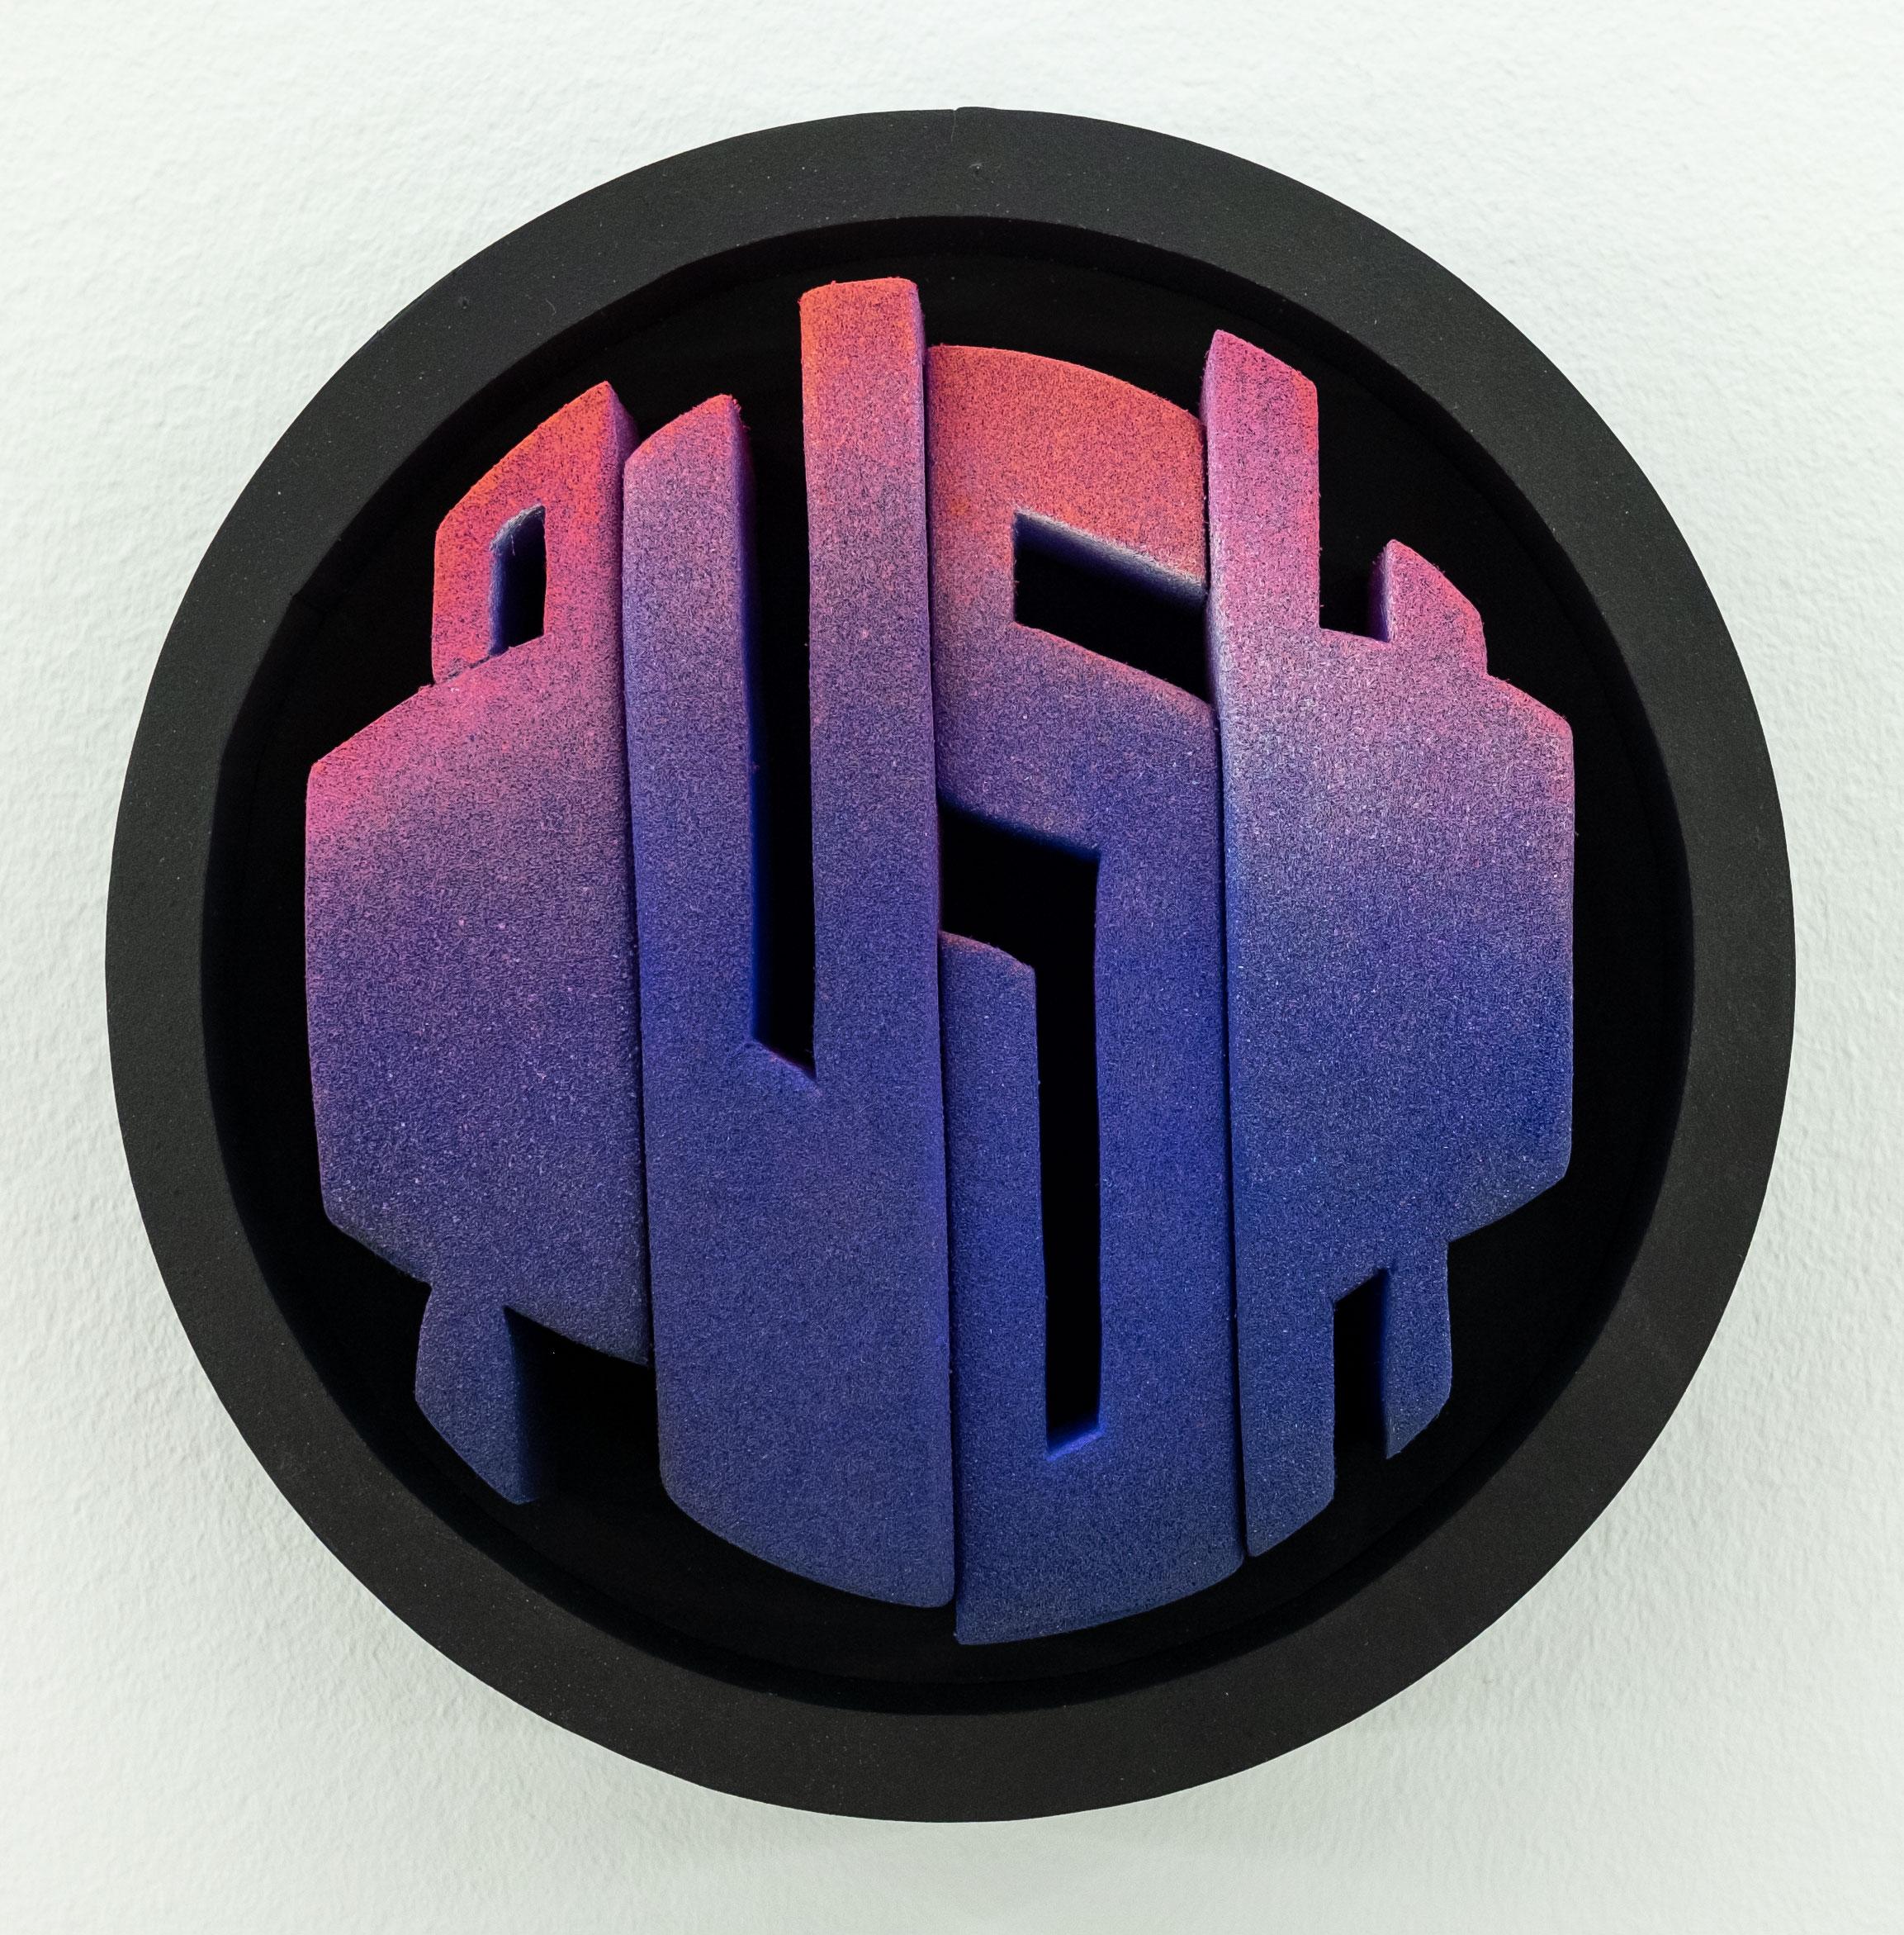 PUSH - Druckknopf